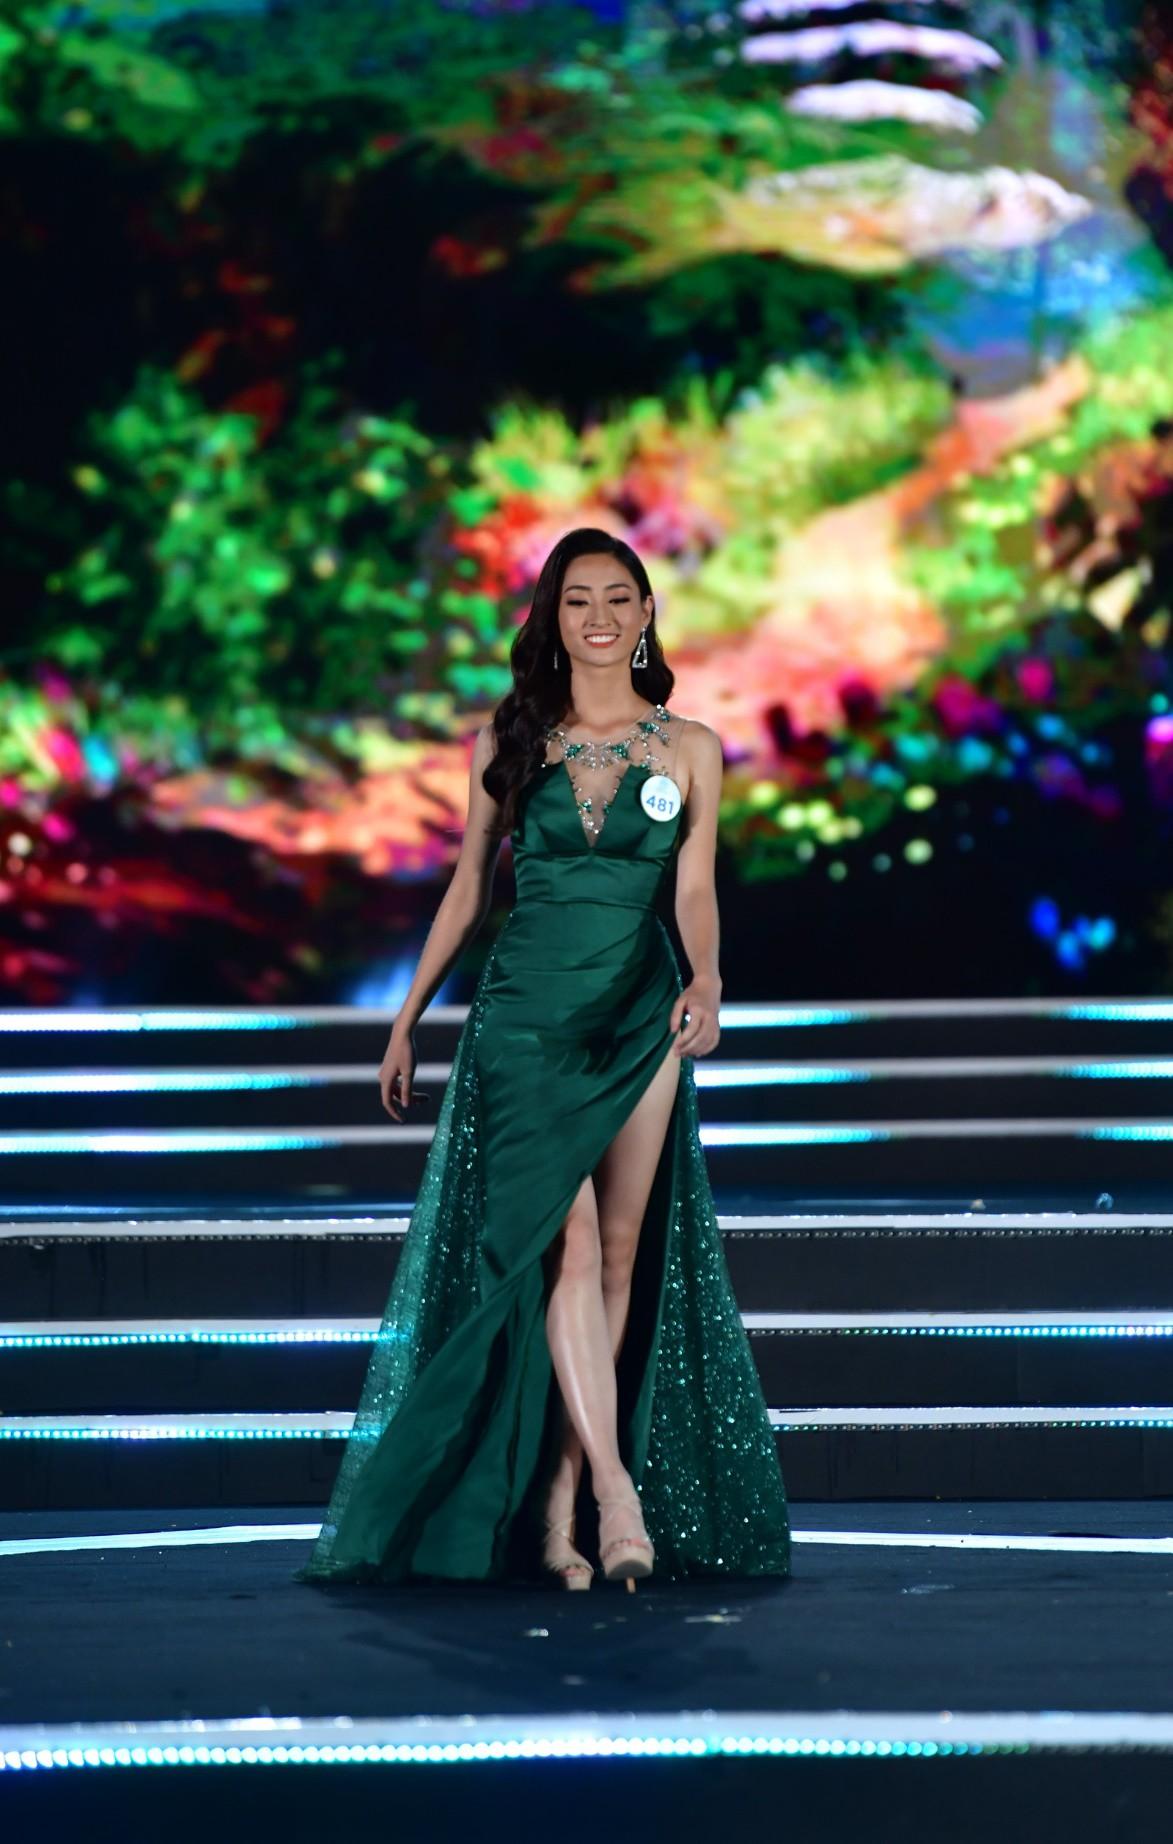 Đăng quang Miss World Vietnam 2019, Lương Thùy Linh sẵn sàng chinh phục vương miện thế giới - Ảnh 2.